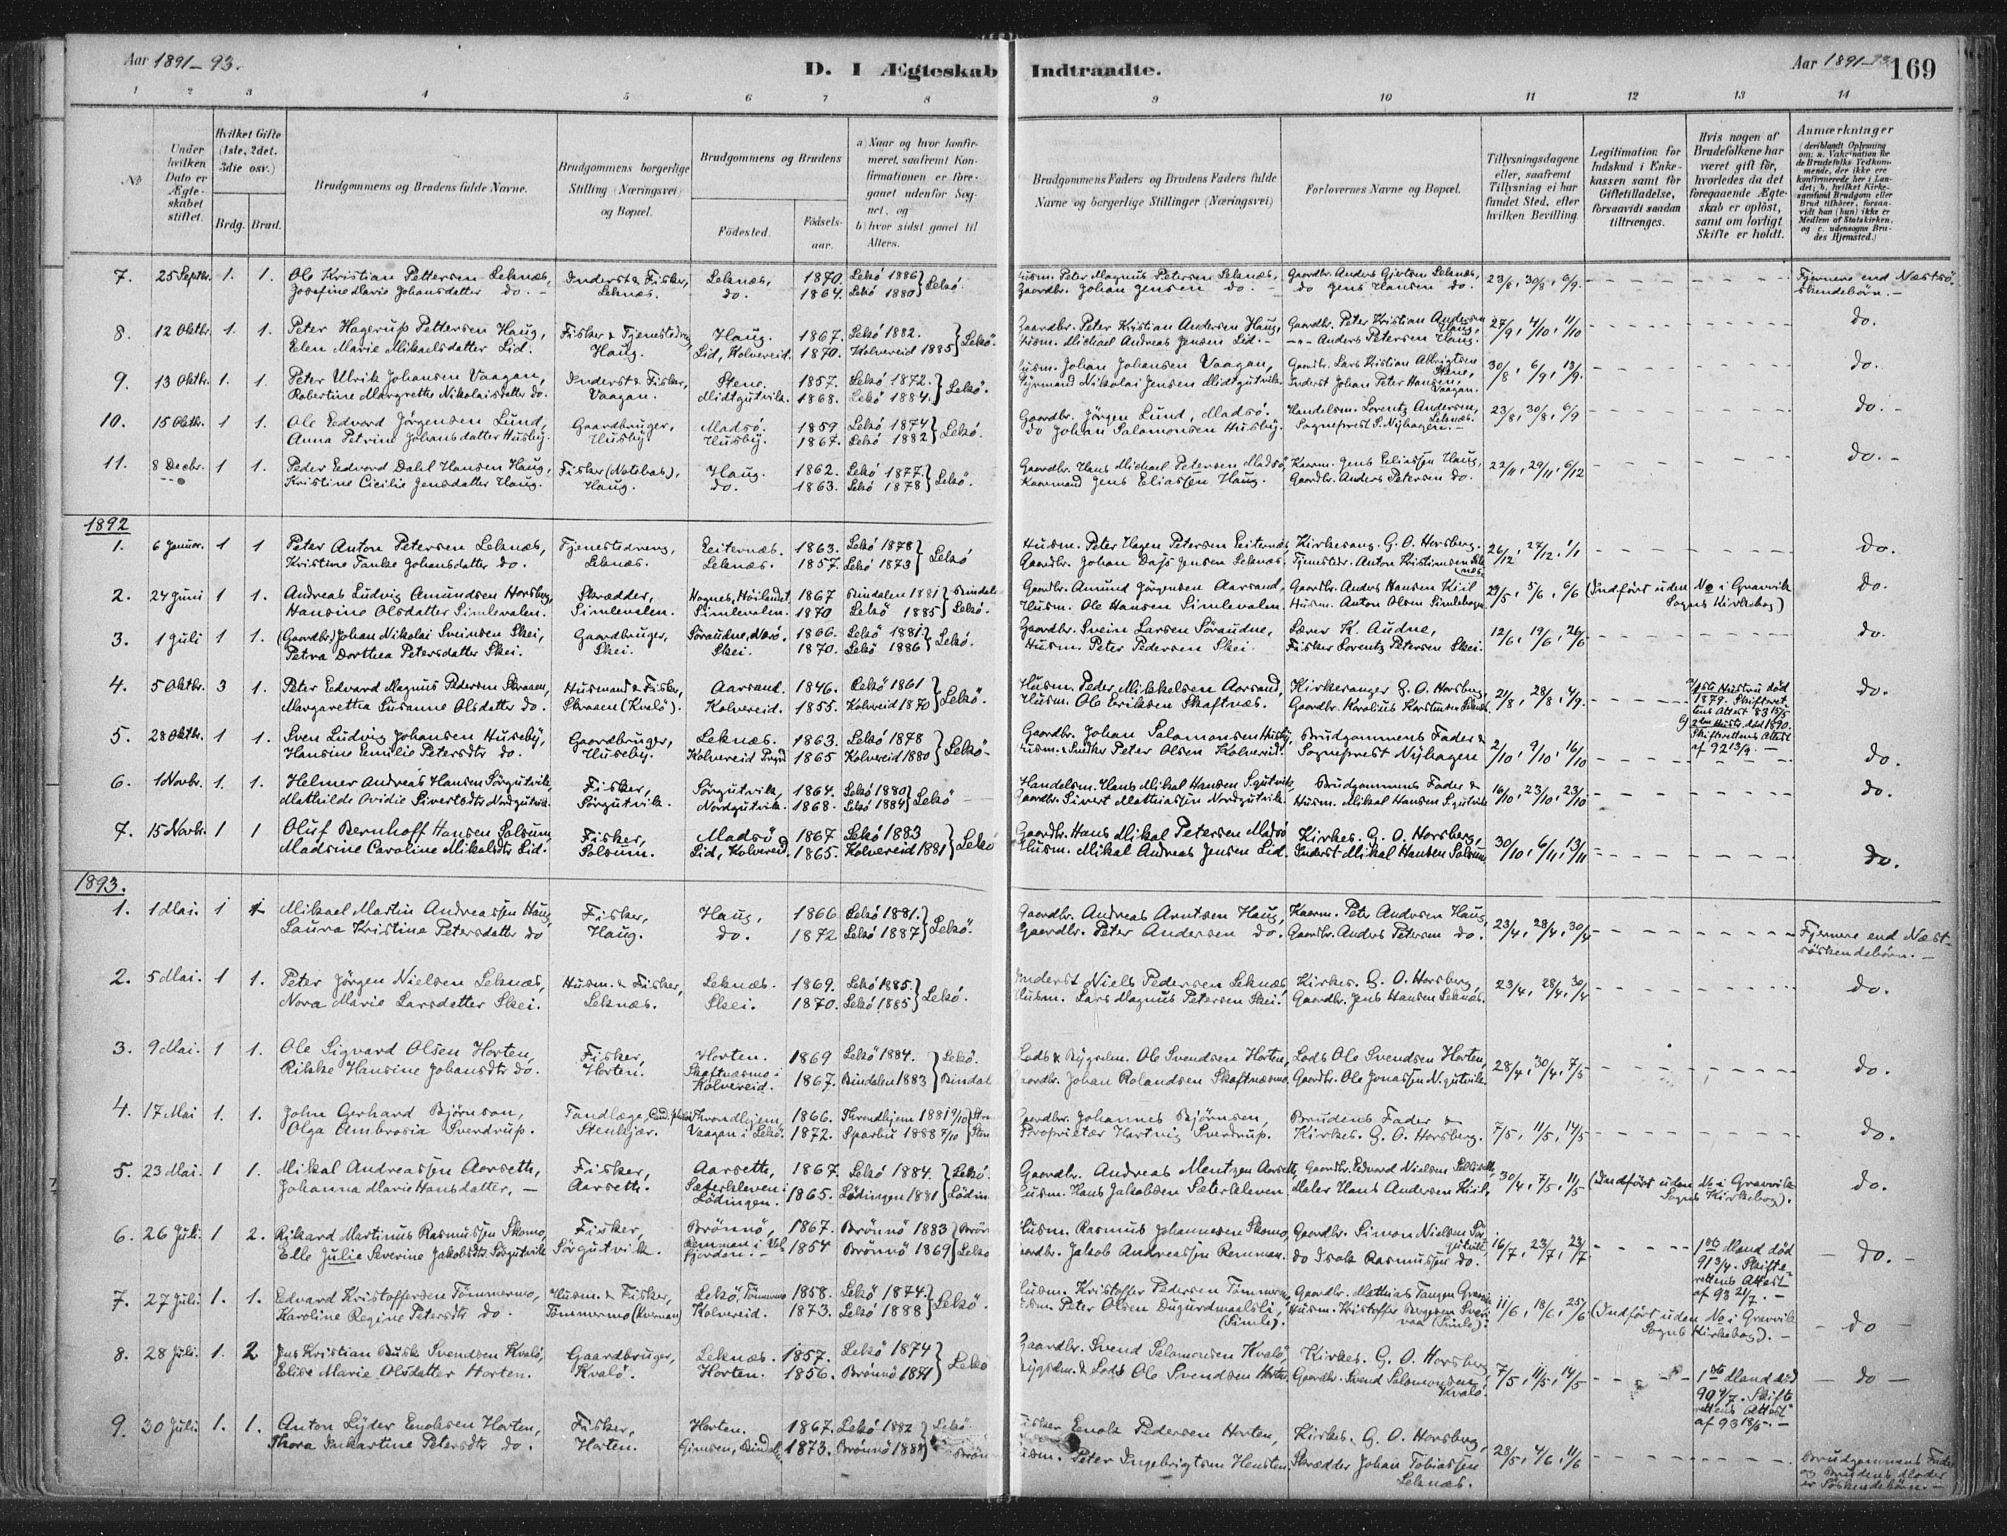 SAT, Ministerialprotokoller, klokkerbøker og fødselsregistre - Nord-Trøndelag, 788/L0697: Ministerialbok nr. 788A04, 1878-1902, s. 169